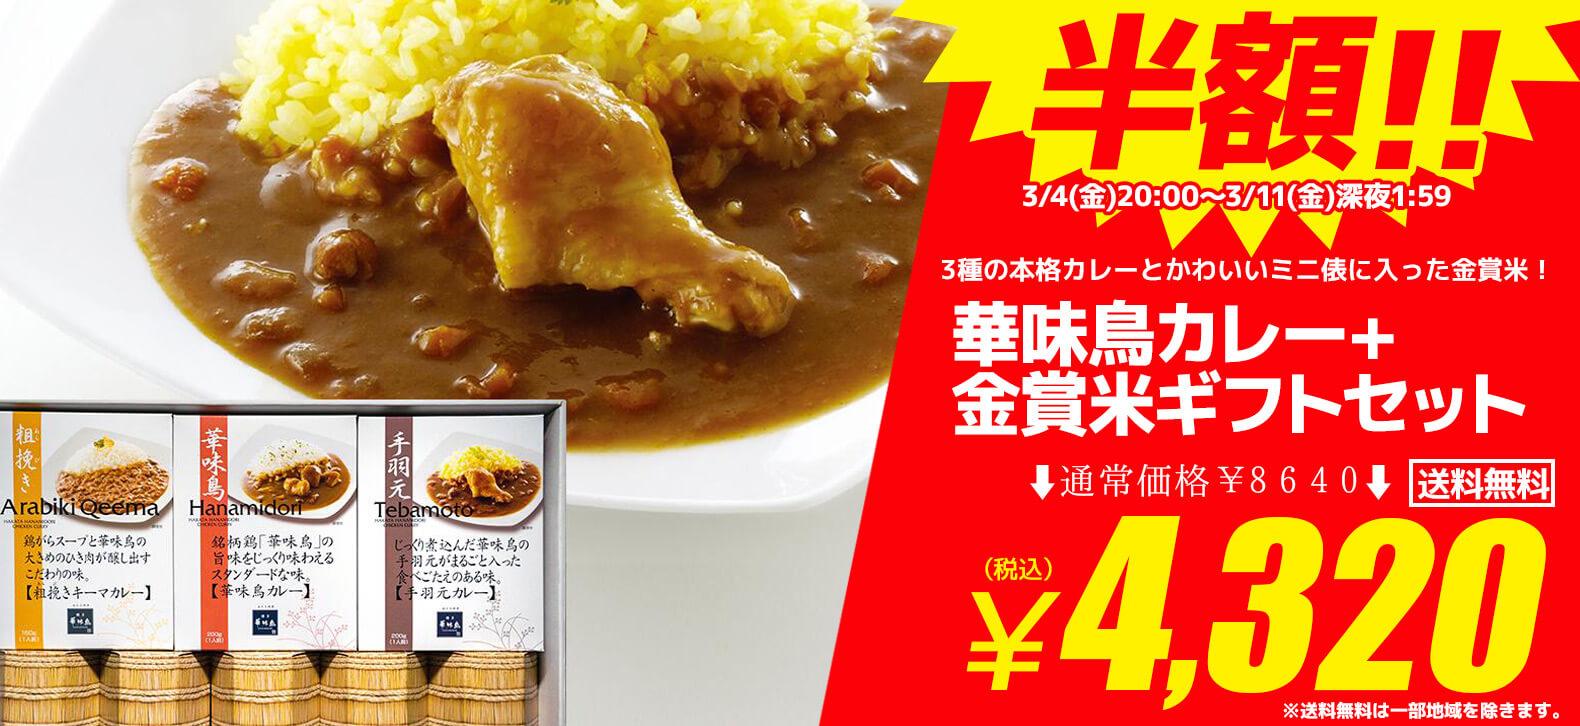 華味鳥カレー+米俵セット